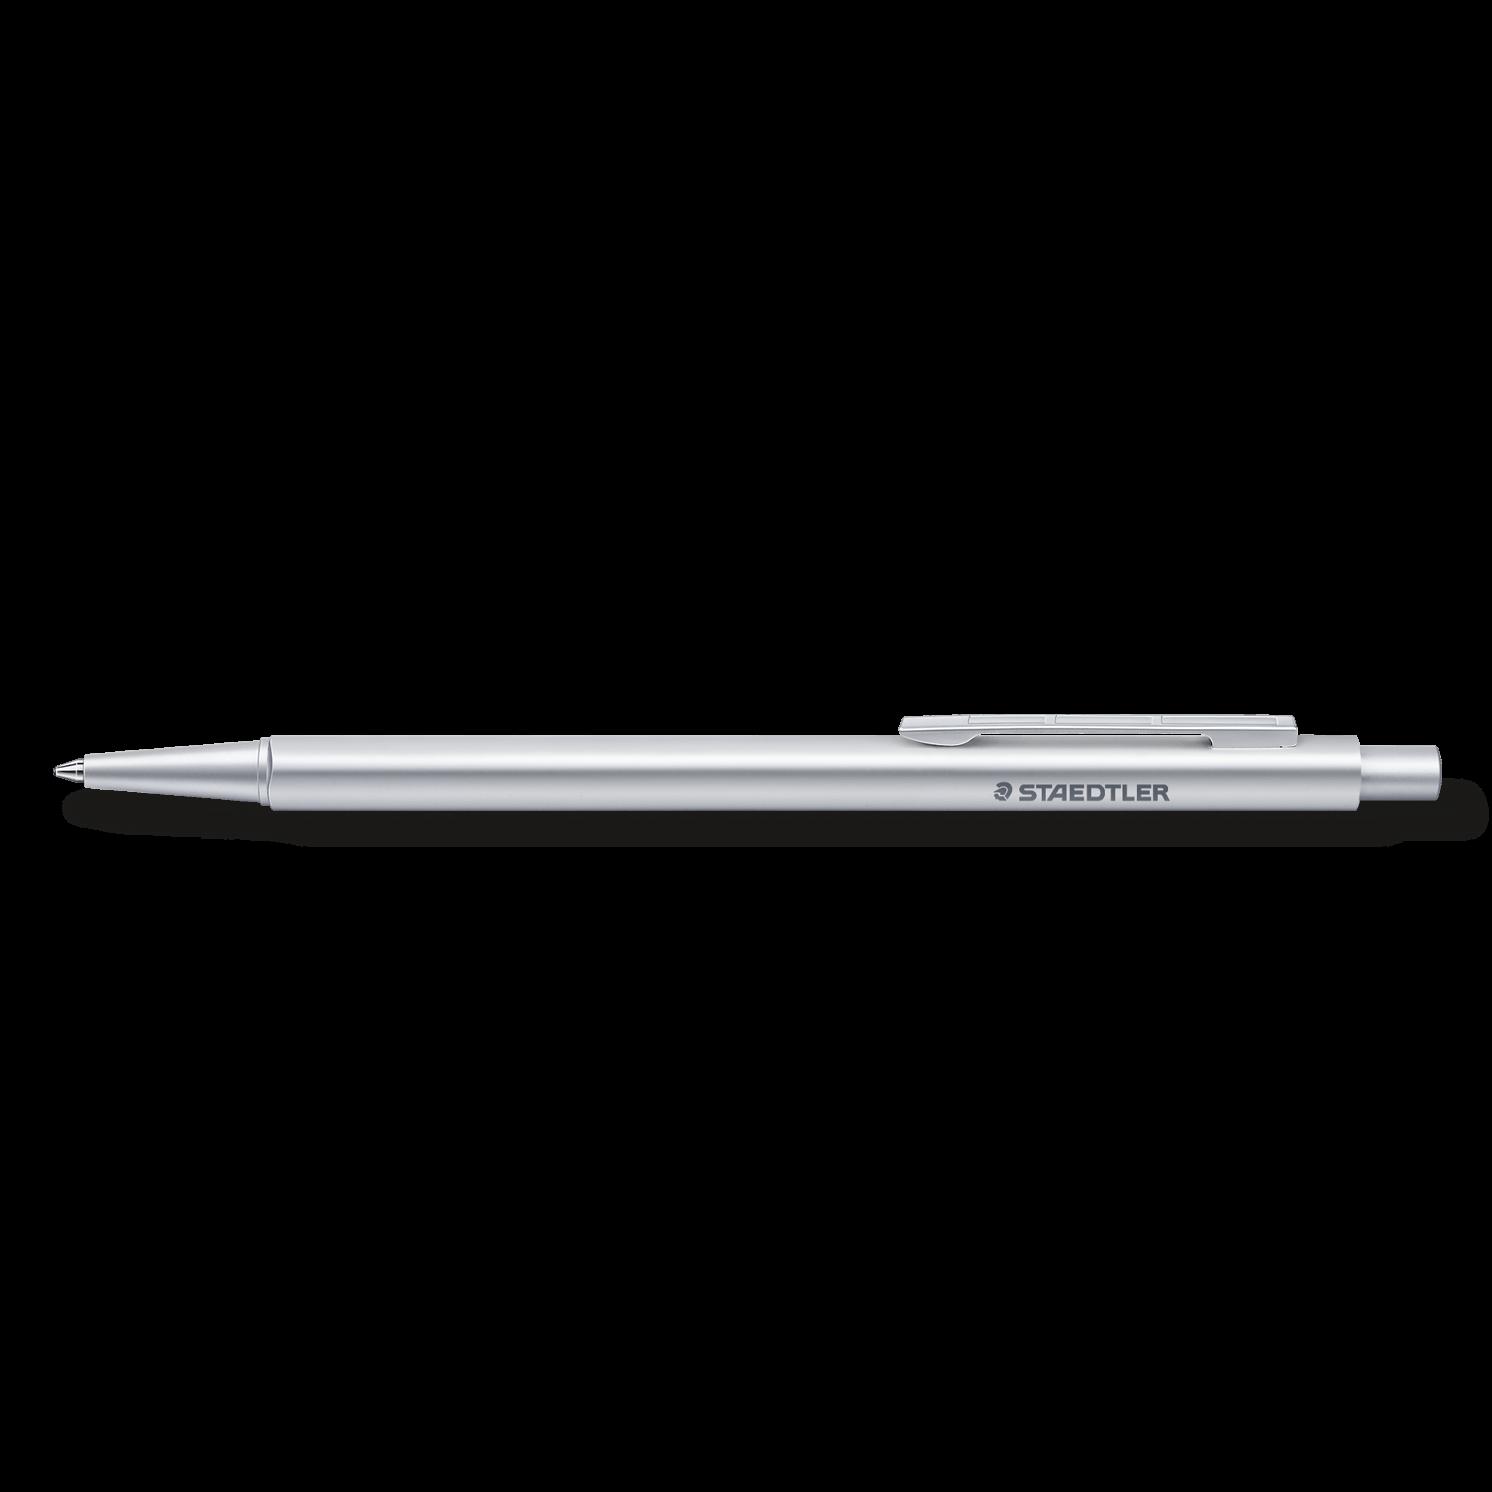 Organizer Pen Ballpoint Pen Organizer Pen Silver